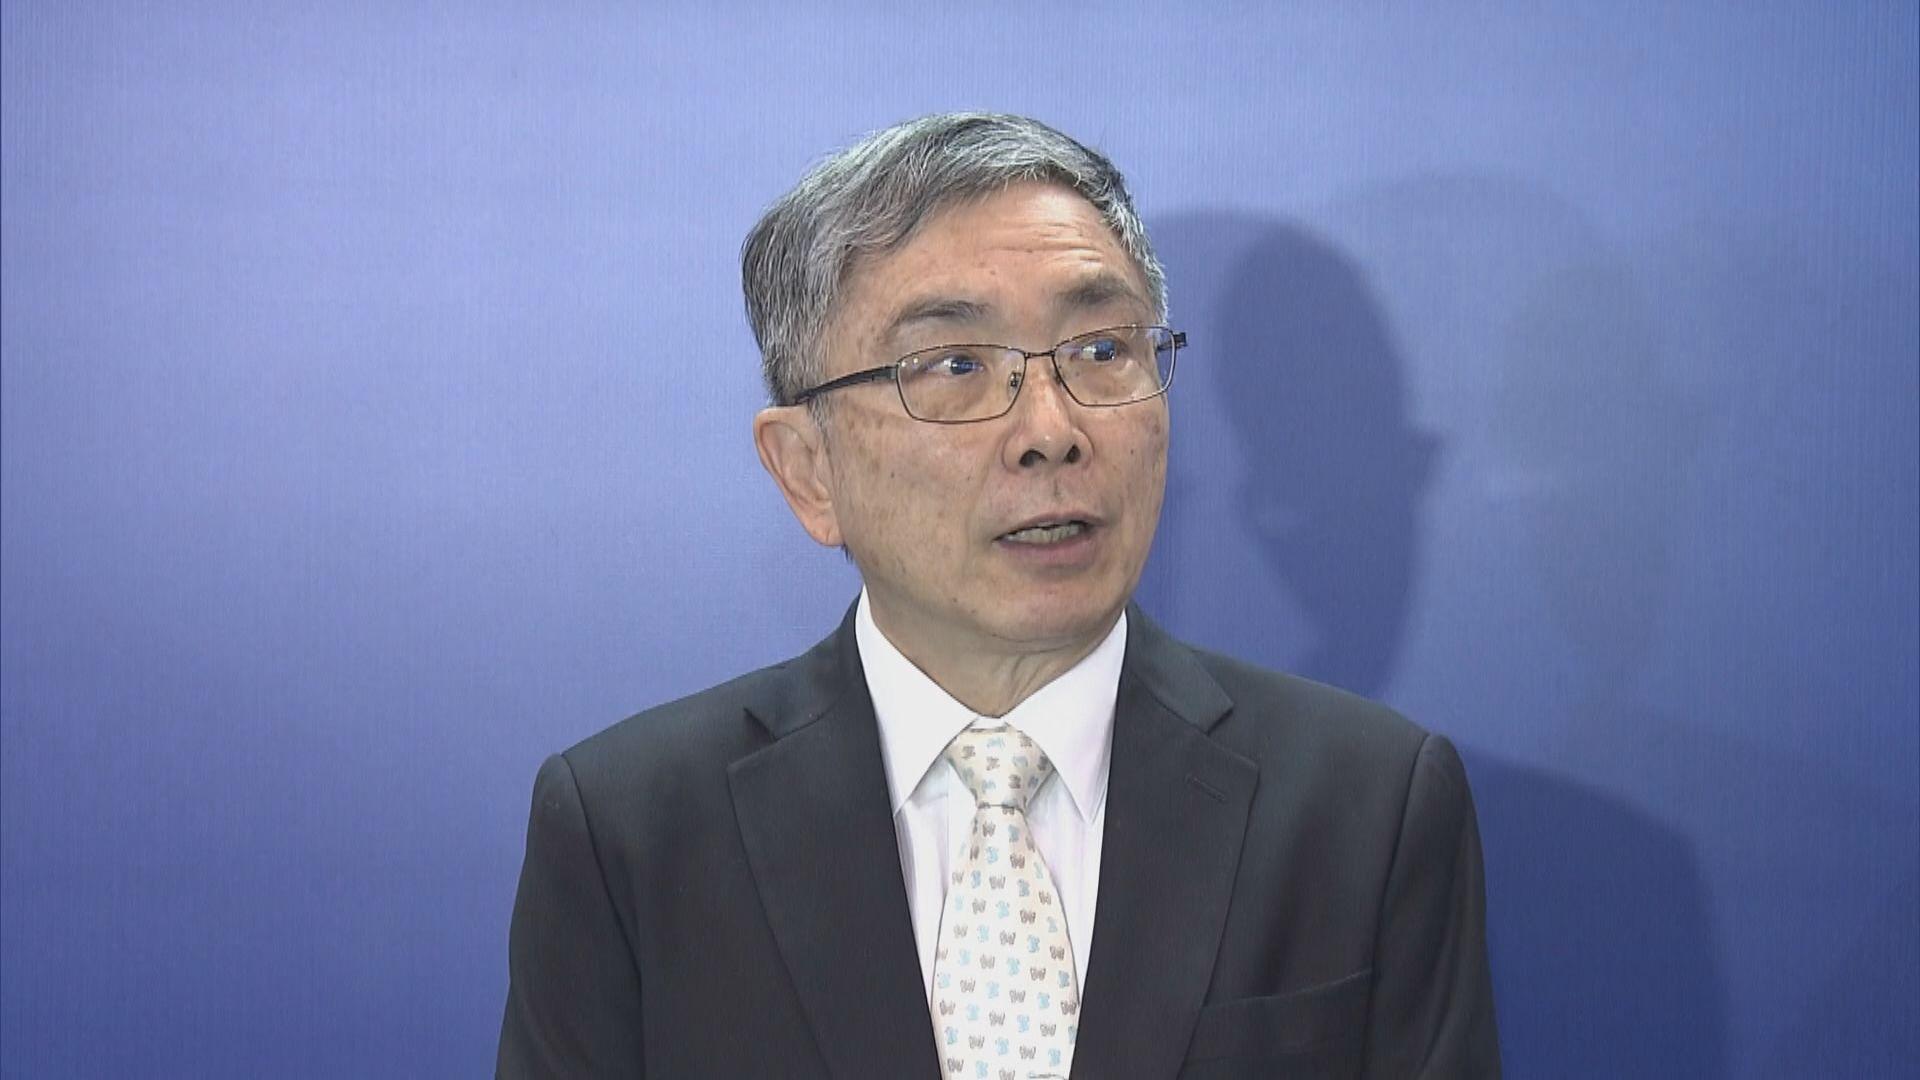 劉怡翔:樓市措施是否要「減辣」言之尚早